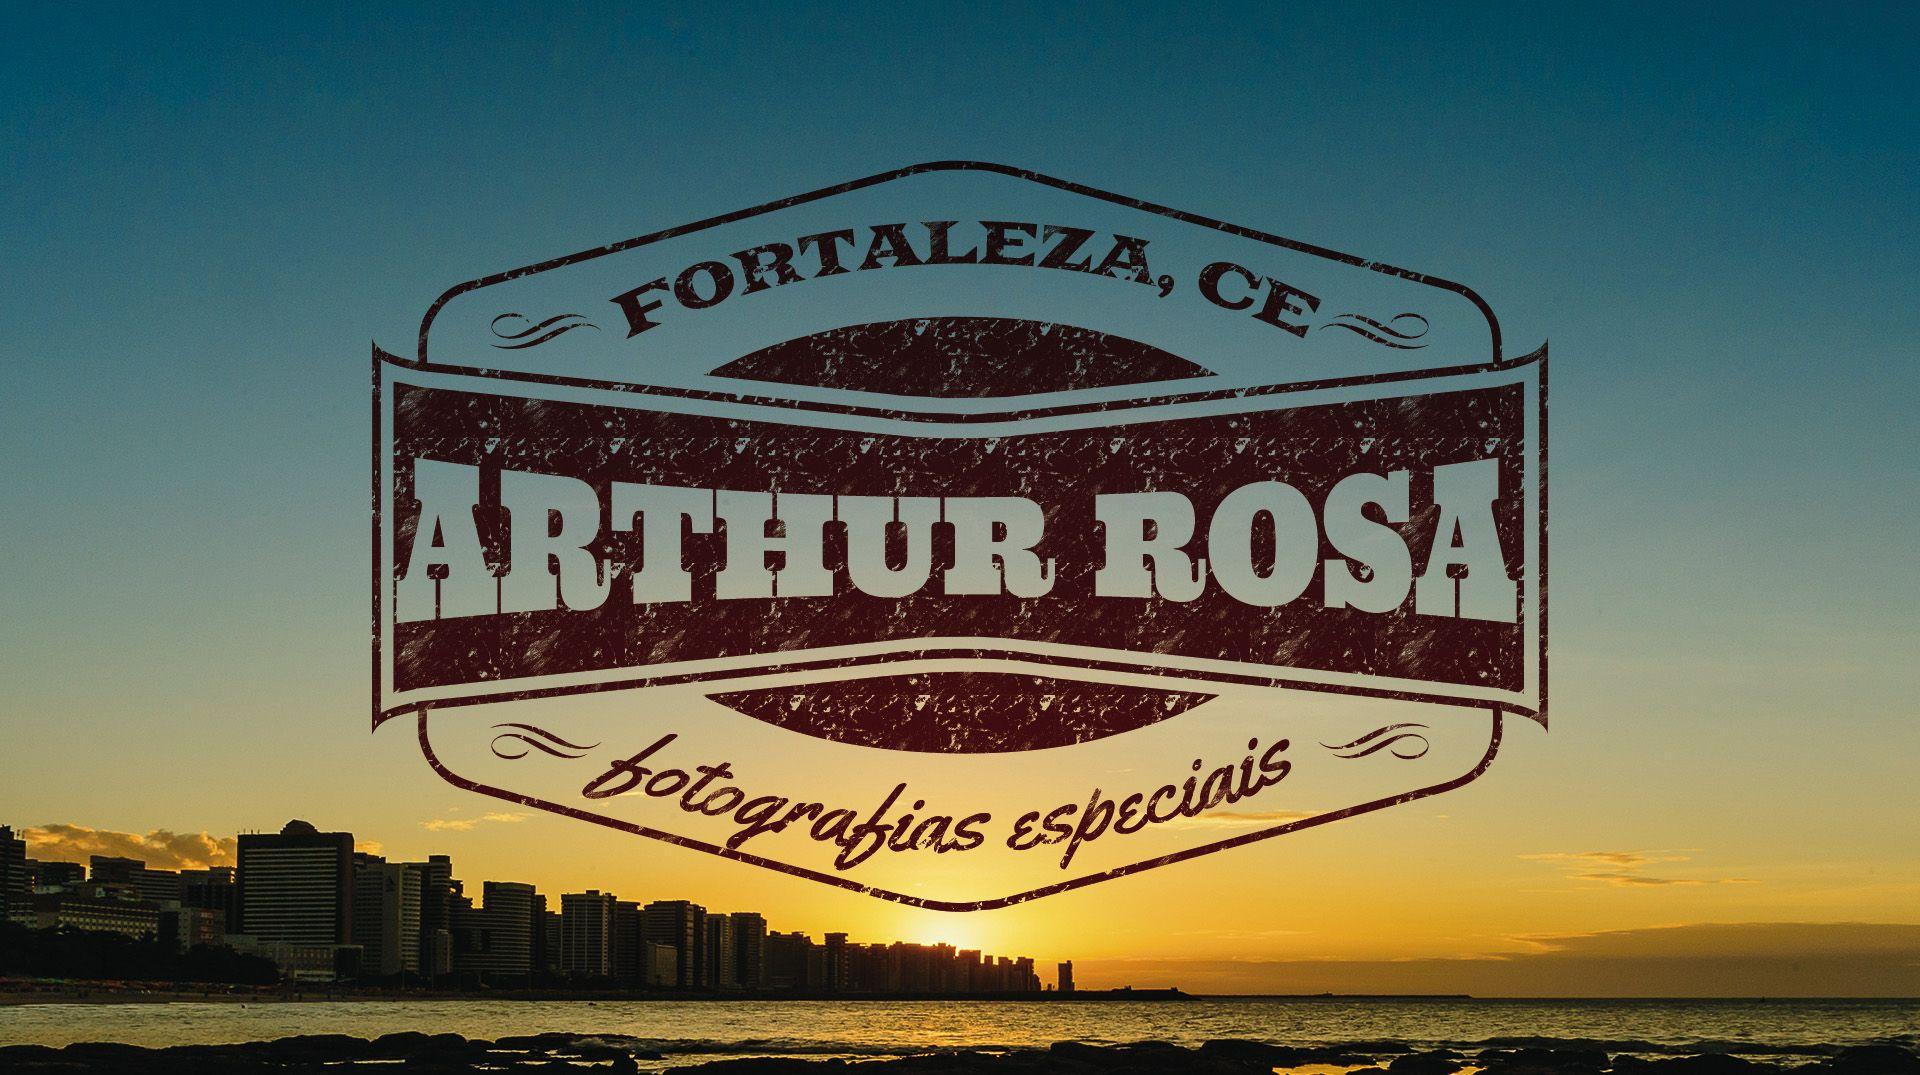 - Arthur Rosa   fotografias especiais